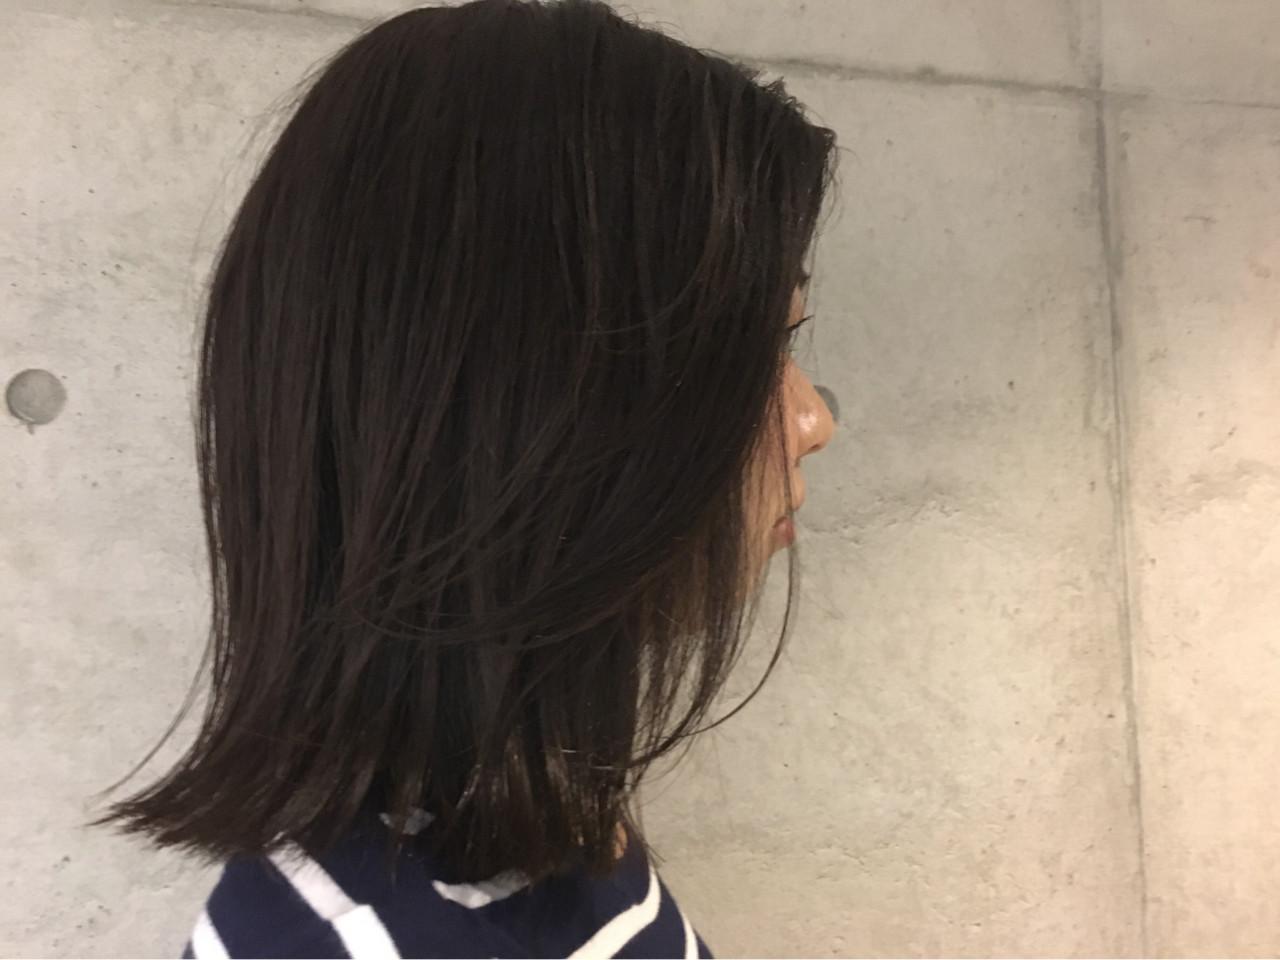 アッシュ 暗髪 黒髪 色気 ヘアスタイルや髪型の写真・画像 | Sayaka / diptyMOILA